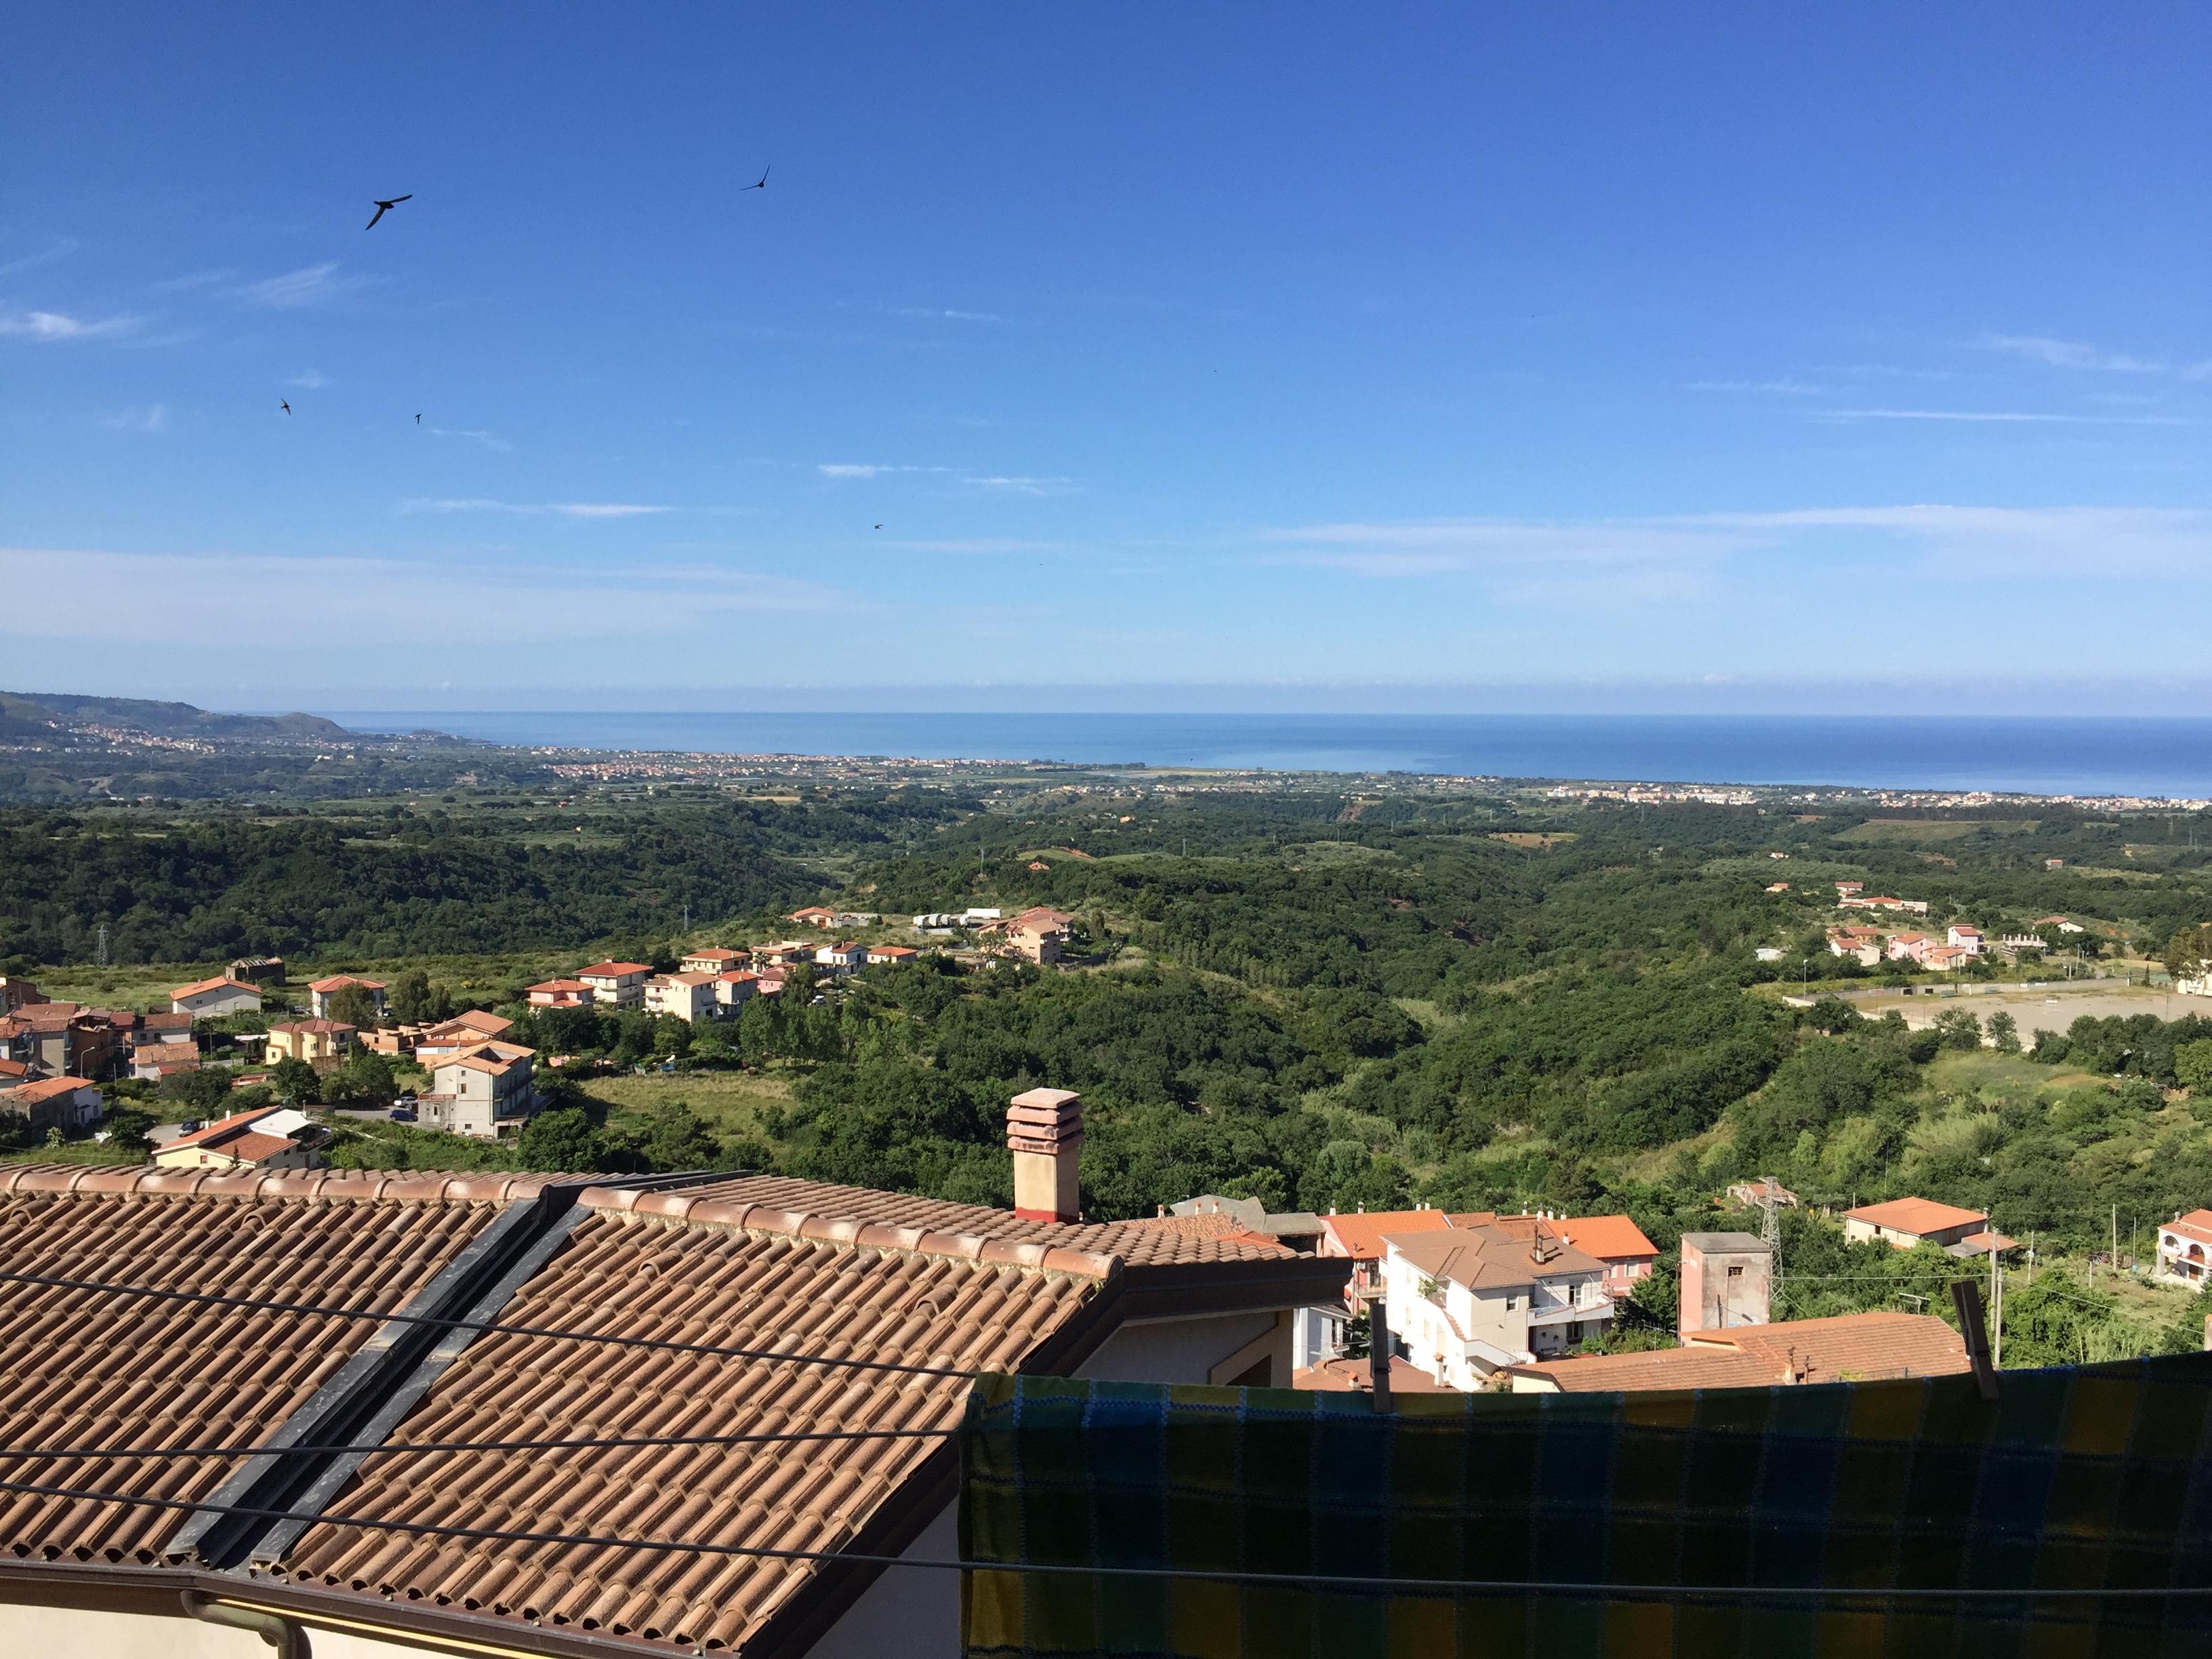 Balcony view Santa Domenica Talao